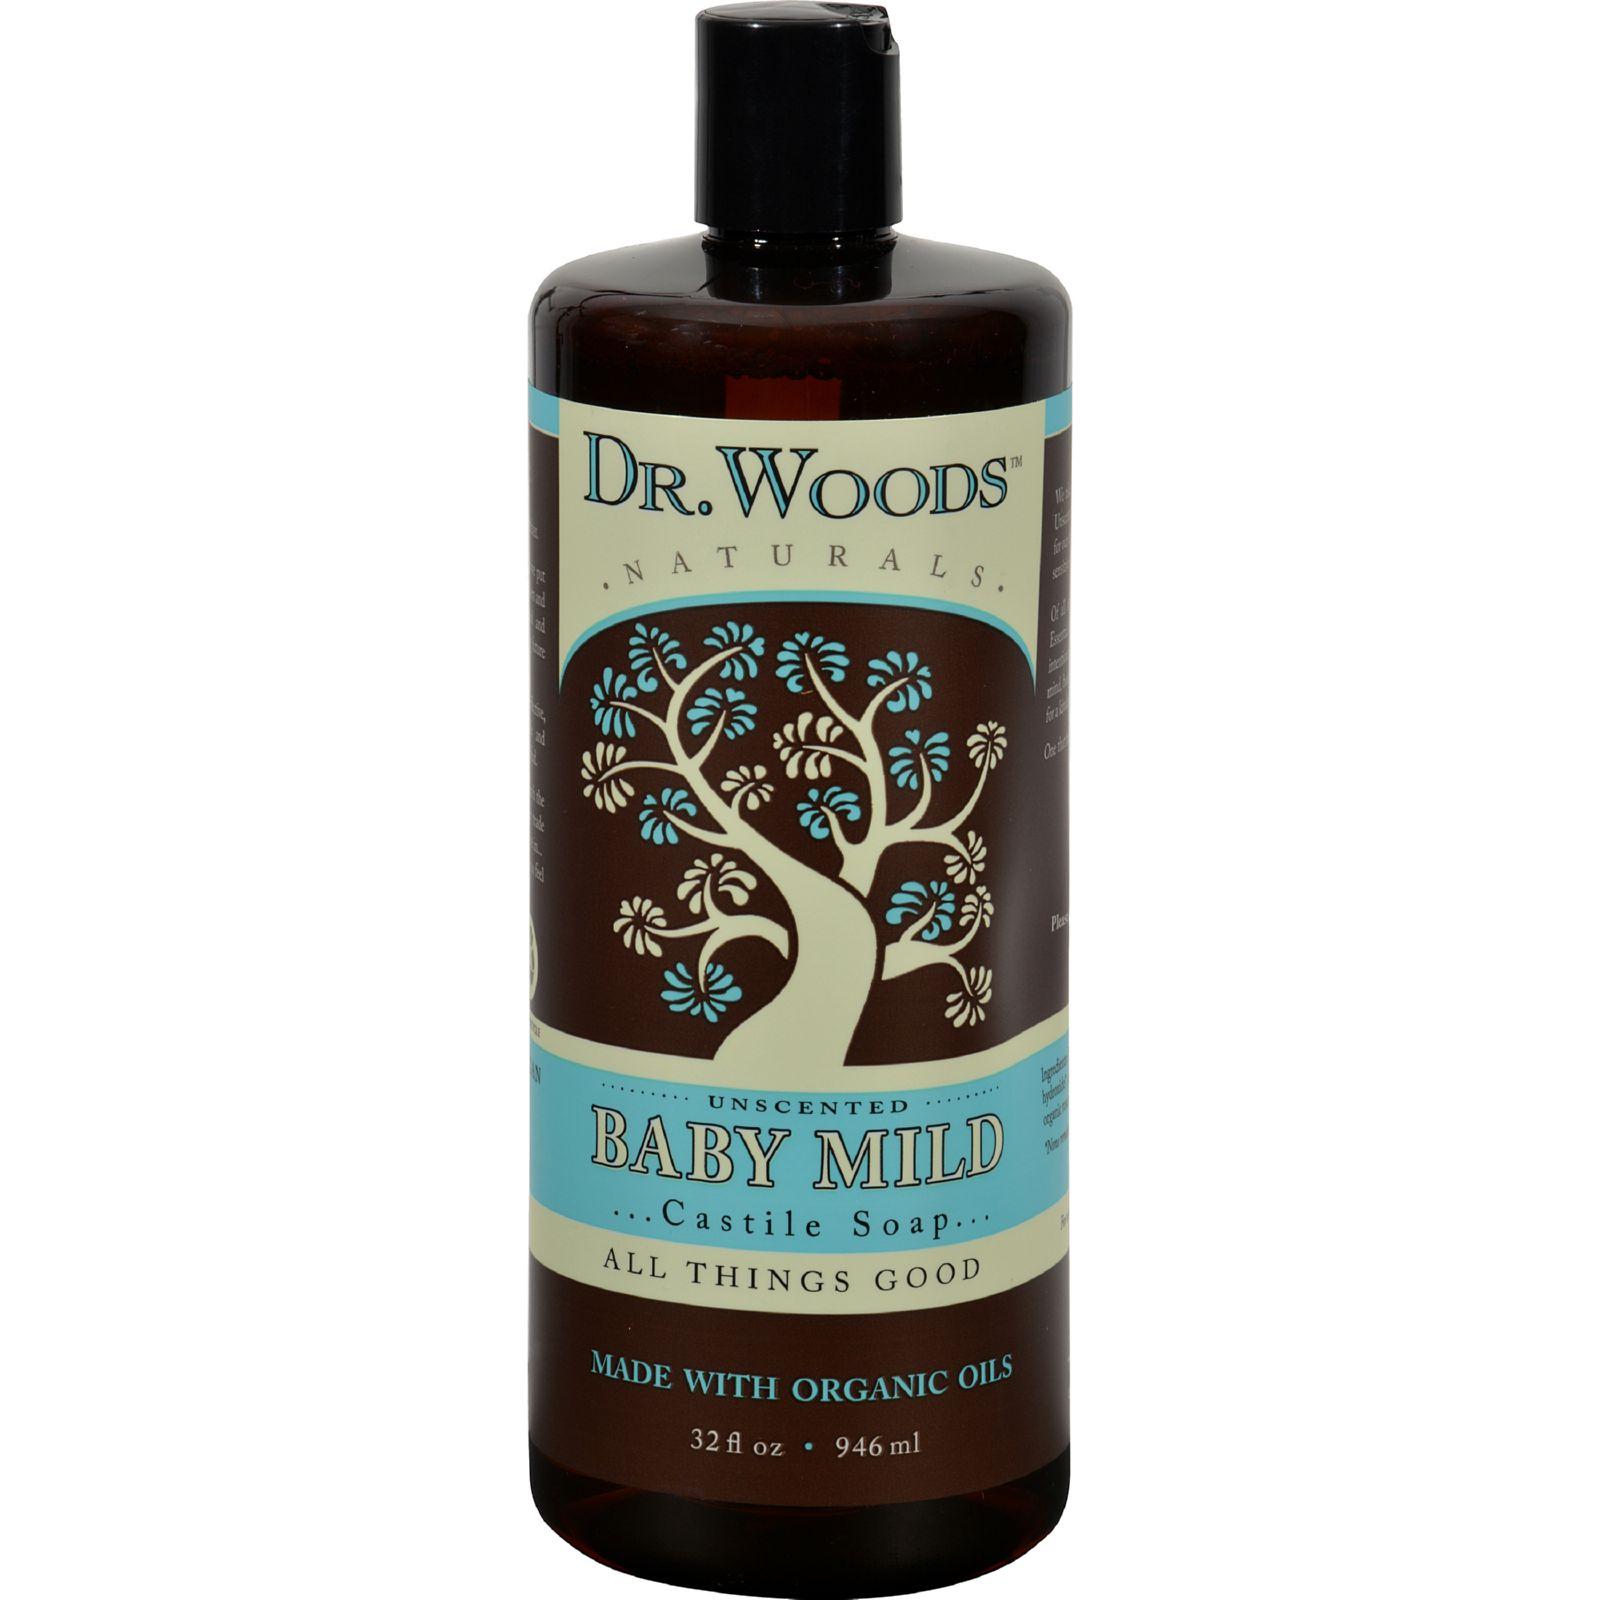 Dr. Woods Naturals Castile Liquid Soap - Baby - 32 fl oz